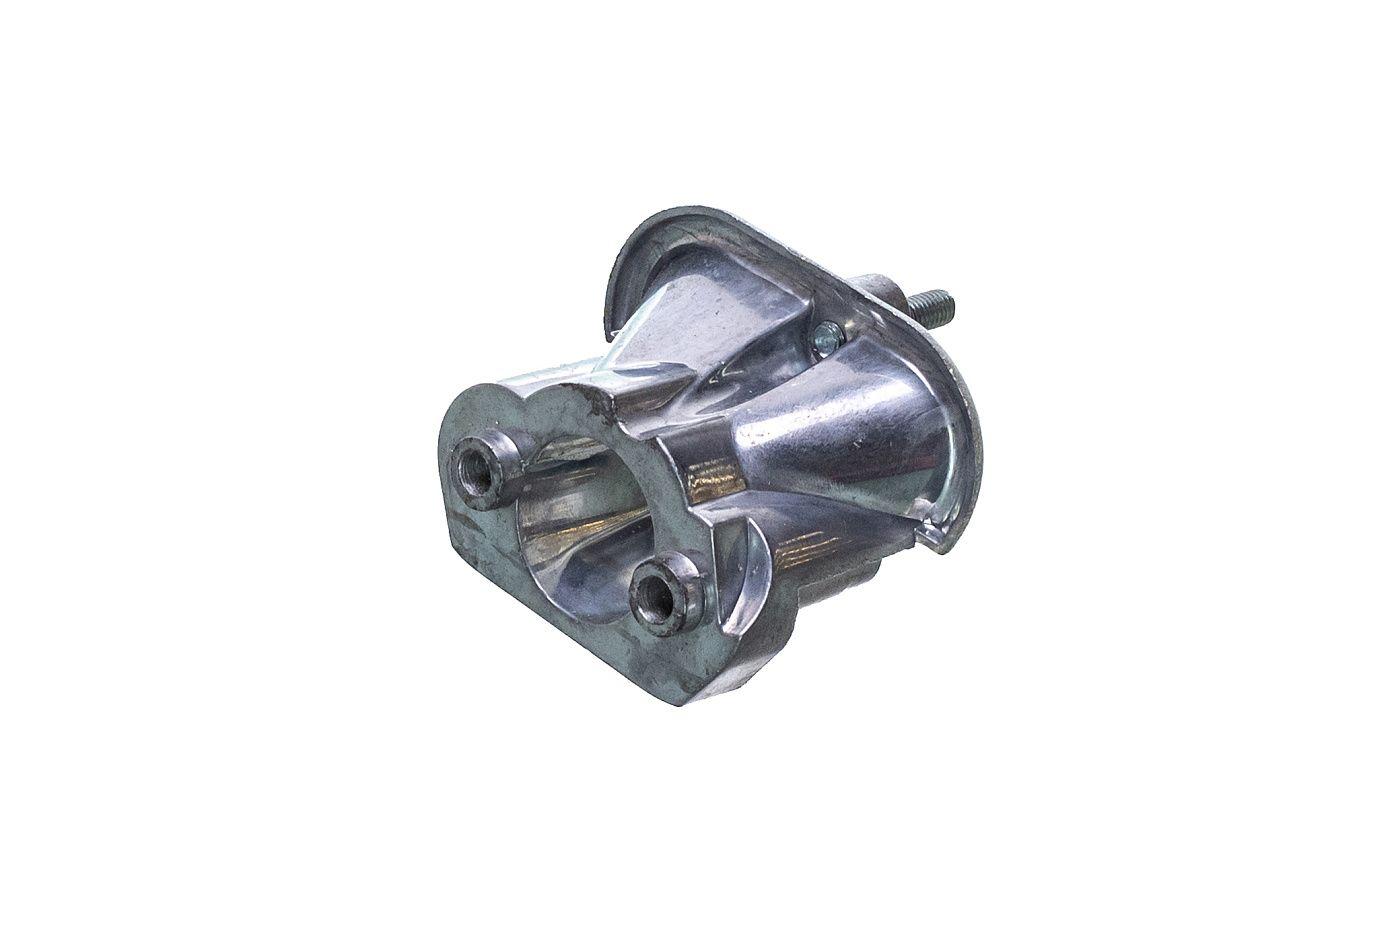 Príruba vzduchového filtra Stihl MS460 - 1128 120 2202